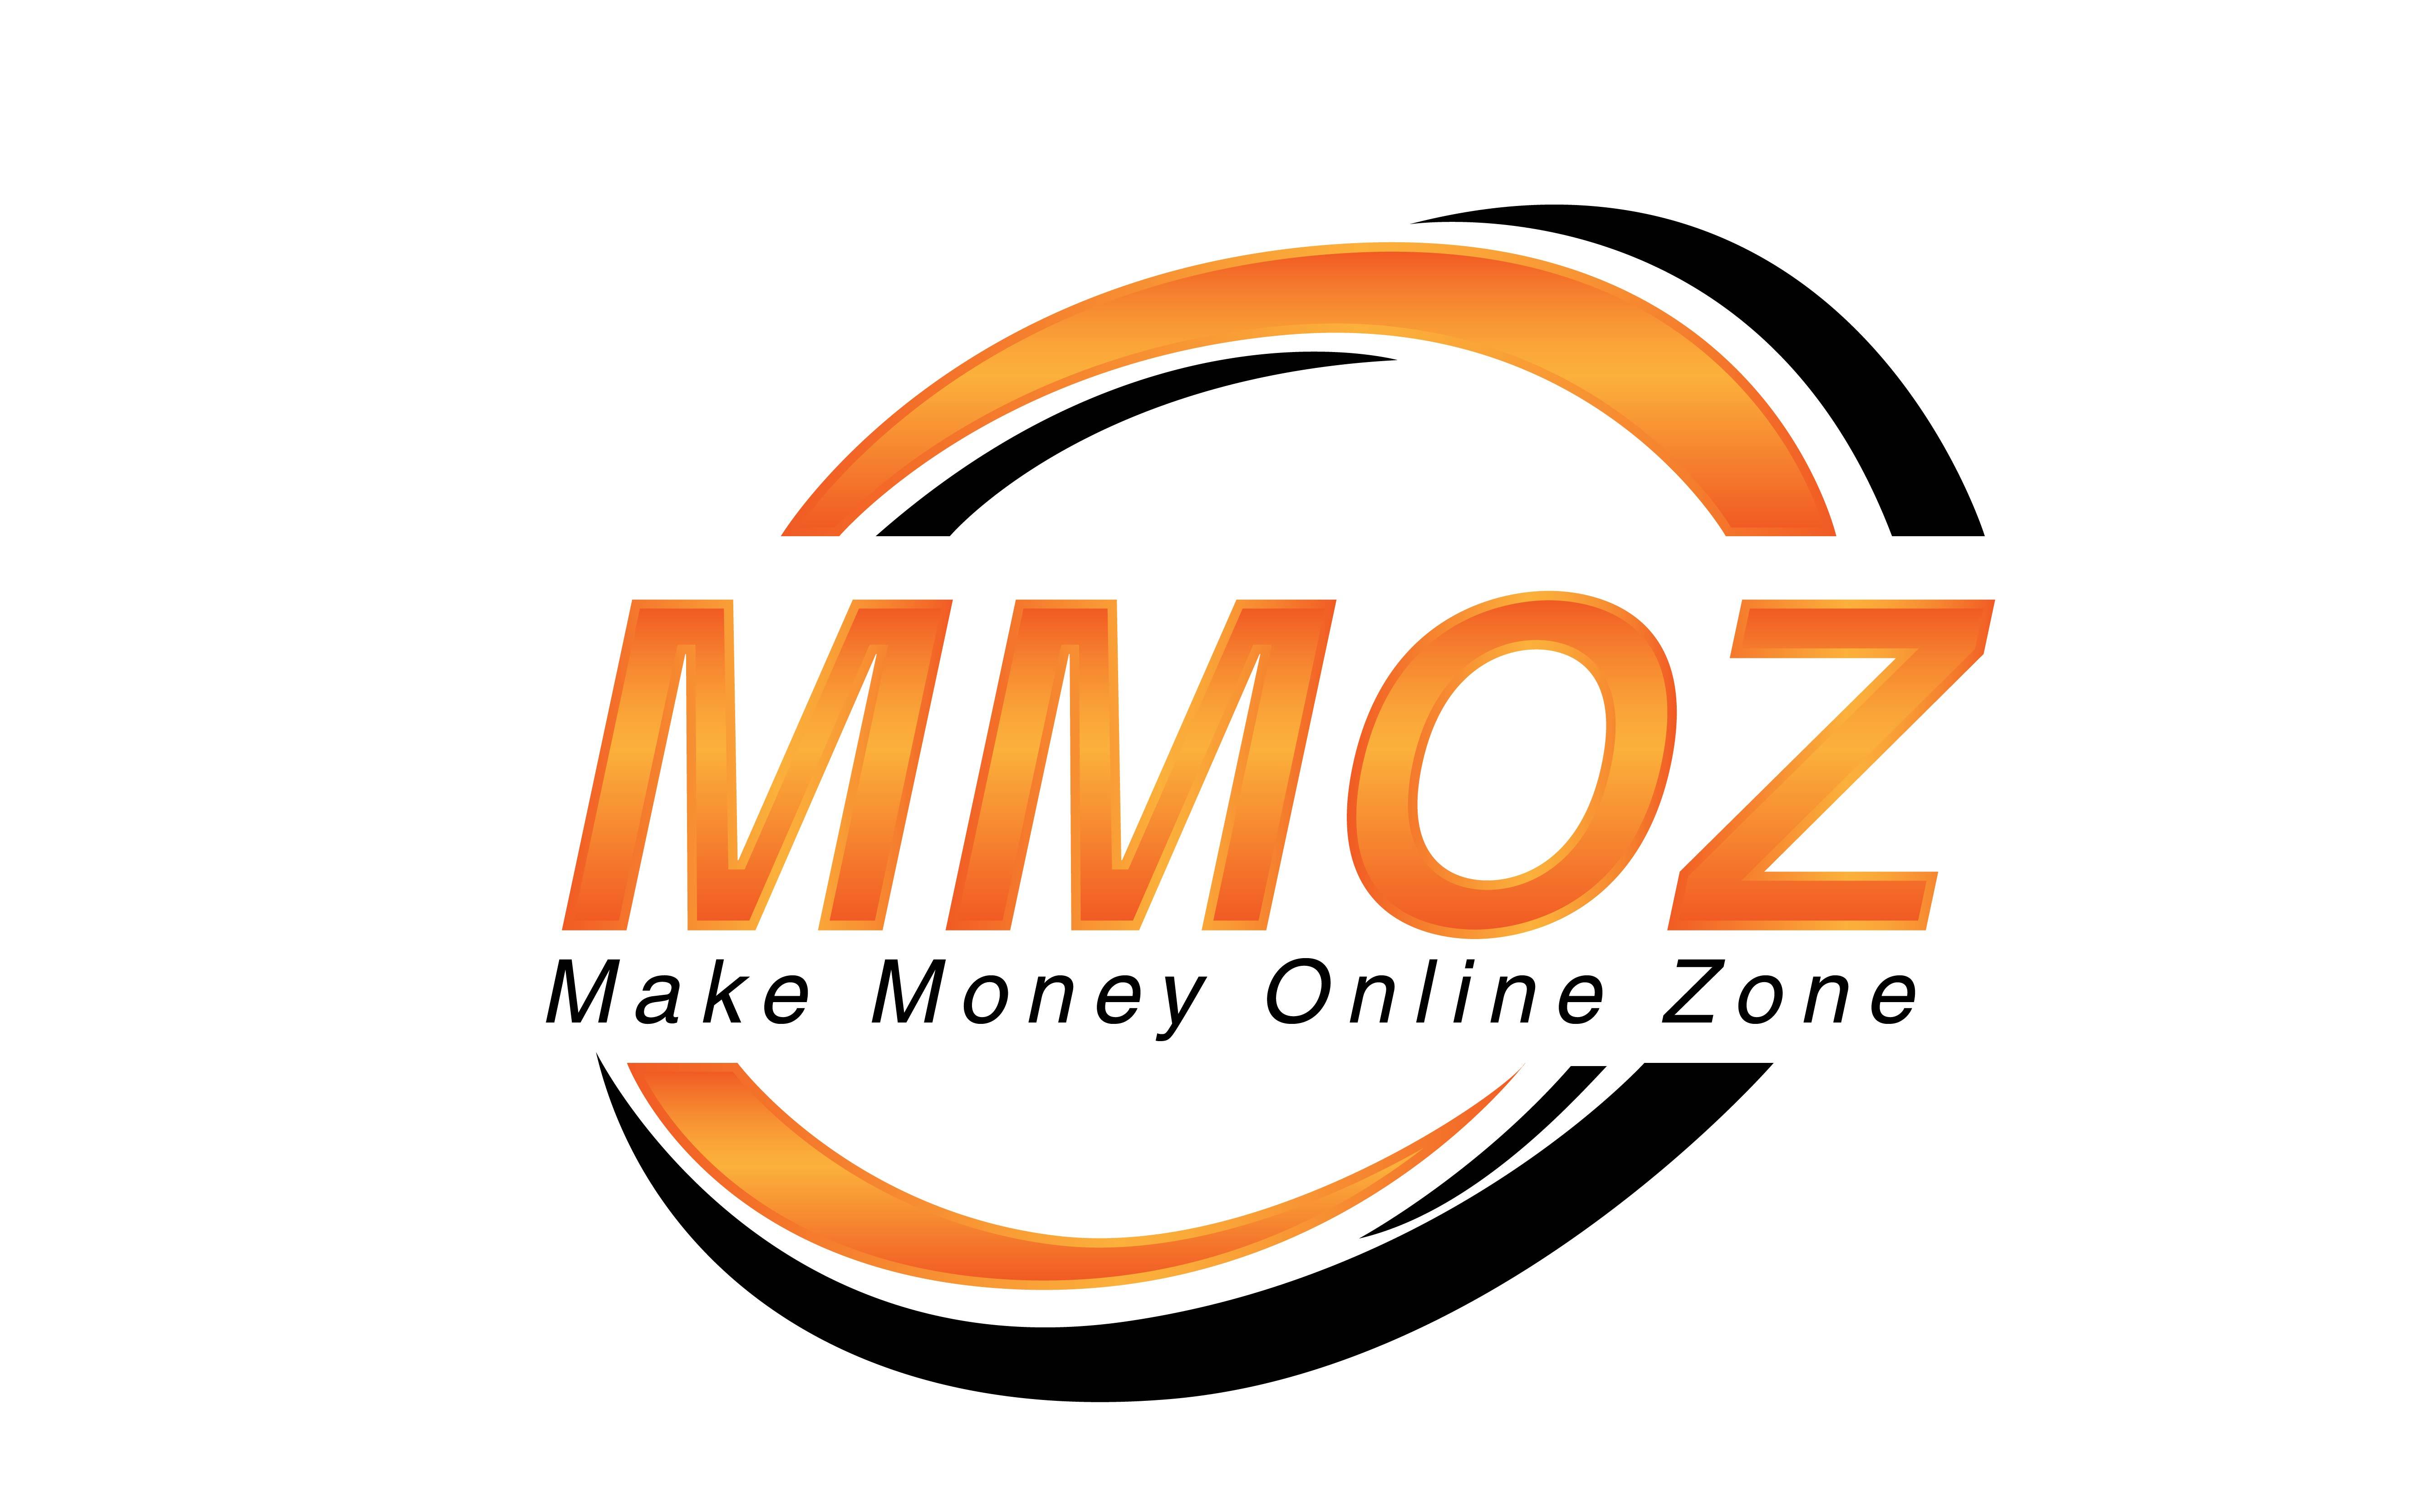 Make Money Online Zone logo - MMOZ